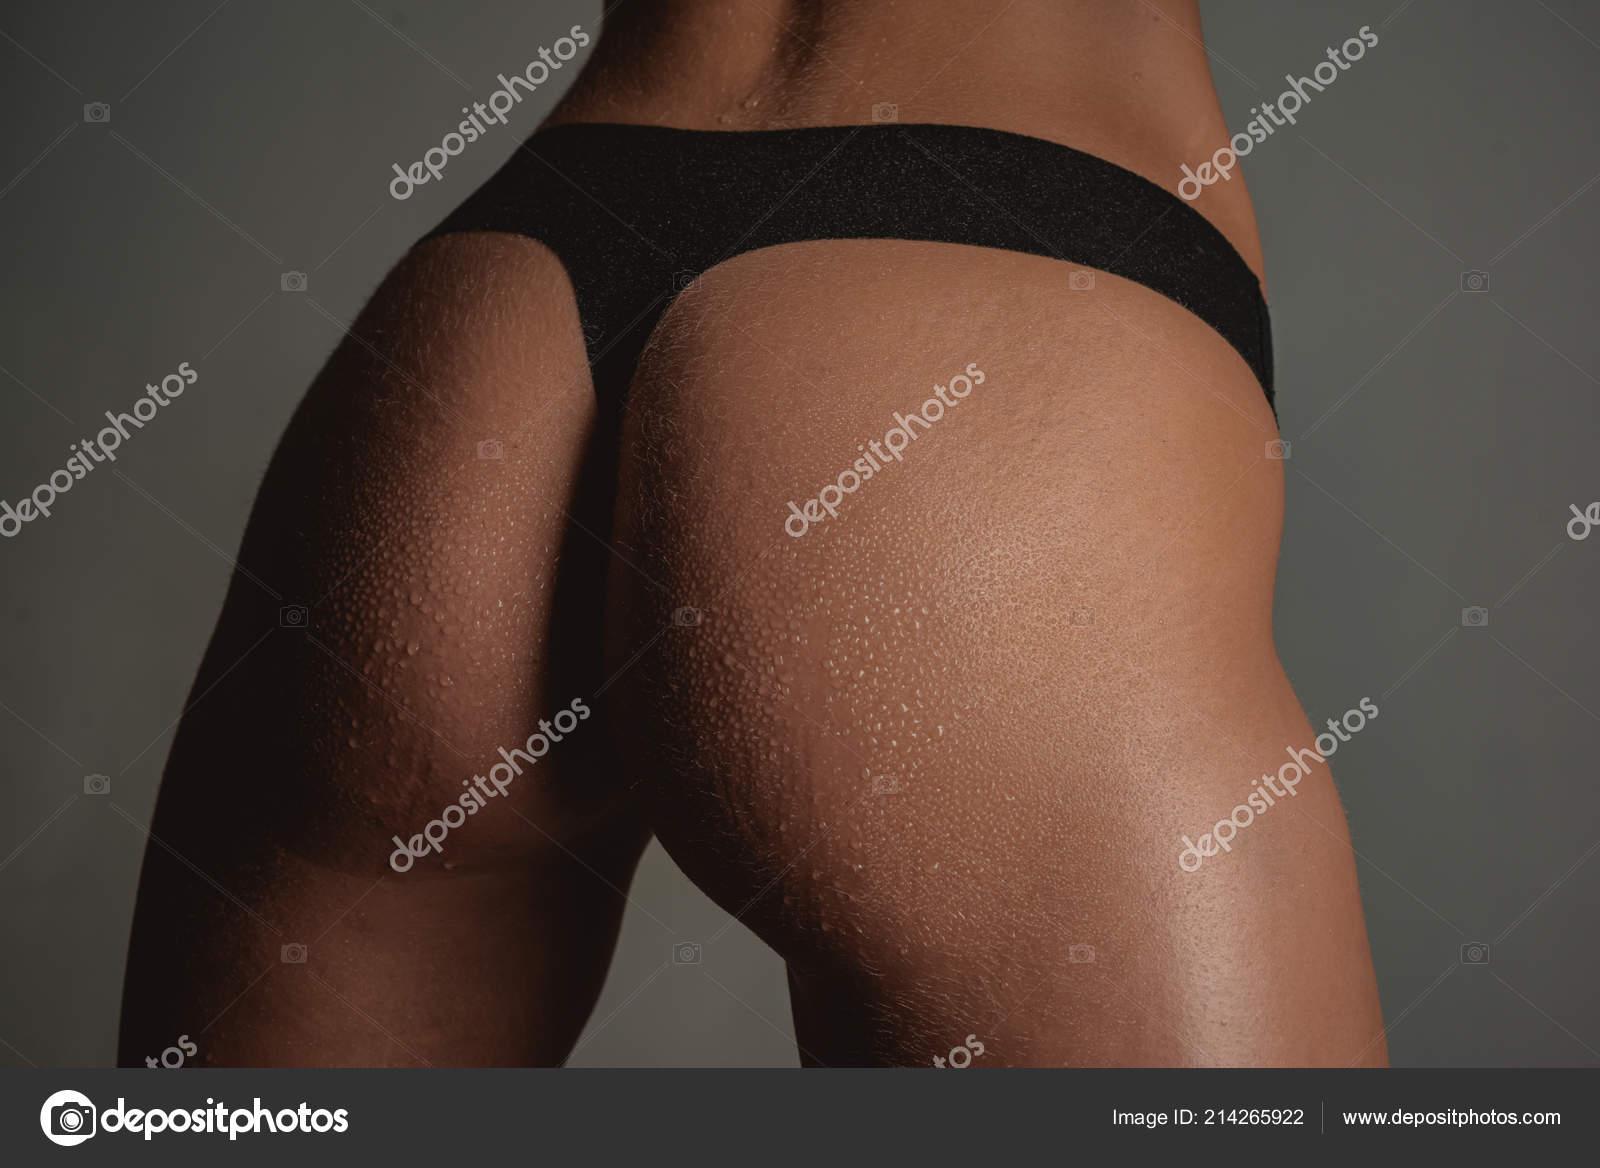 μαύρο γυμνό ερασιτεχνικό